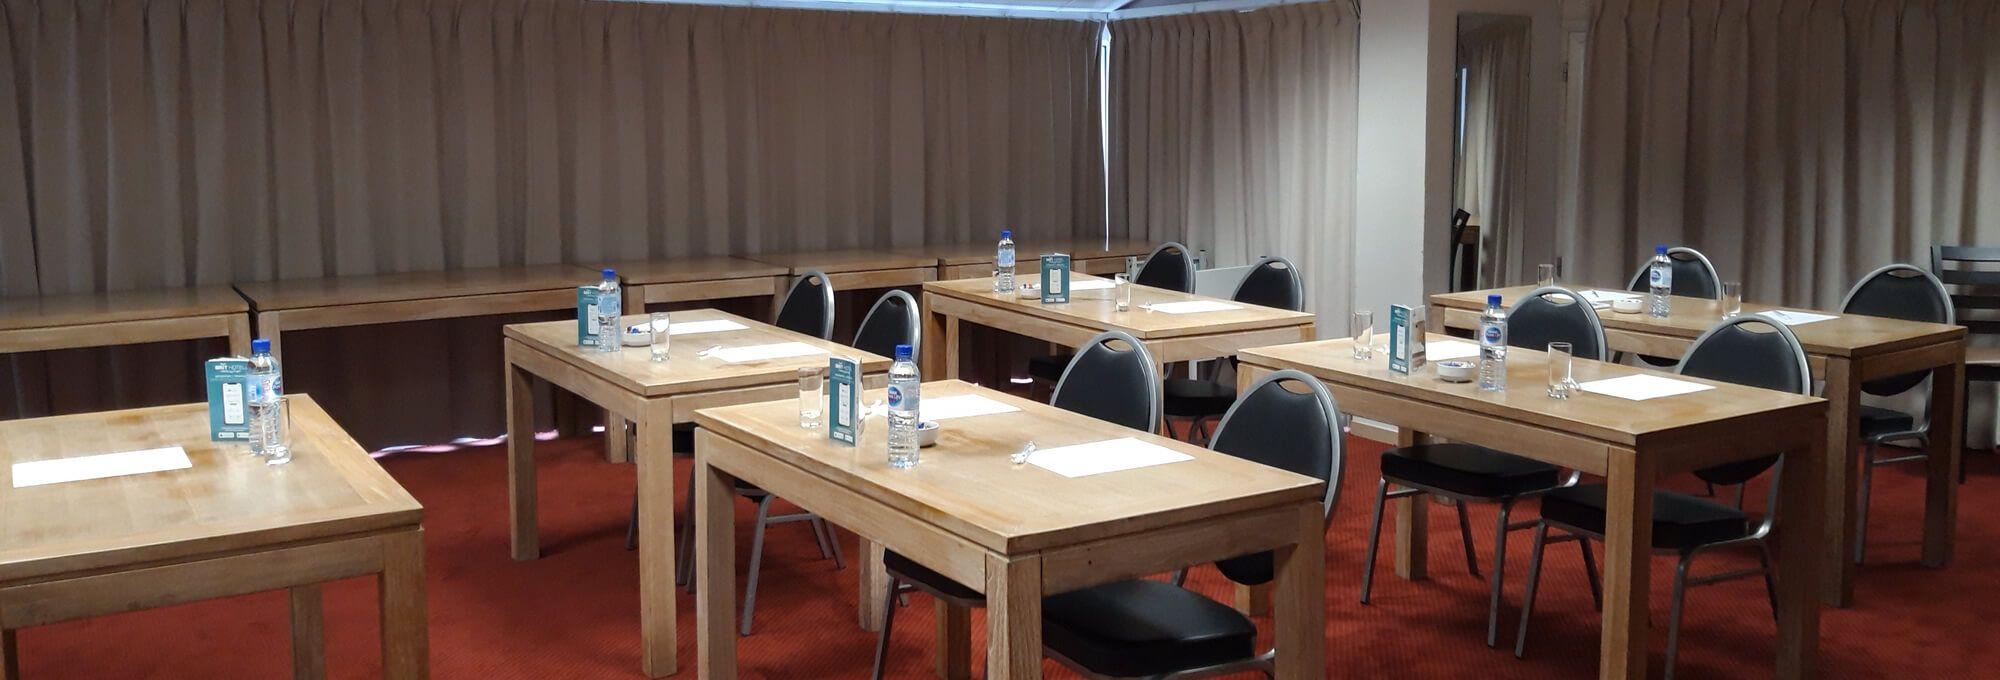 Espaces réunions et séminaire à Joué-lès-Tours